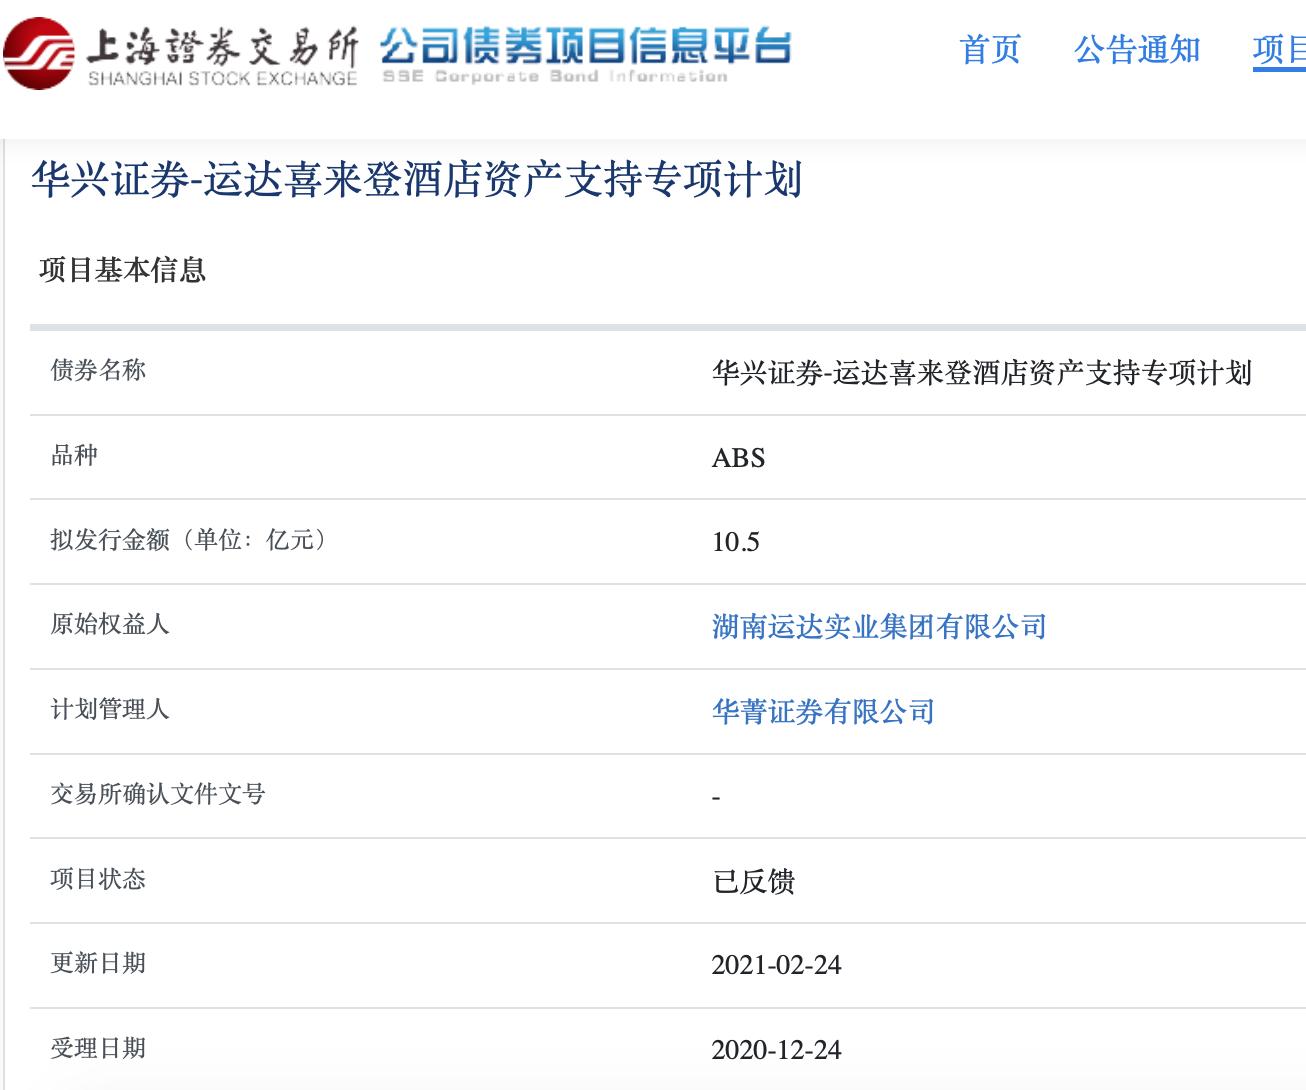 """运达喜来登酒店10.5亿元ABS更新为""""已反馈"""""""